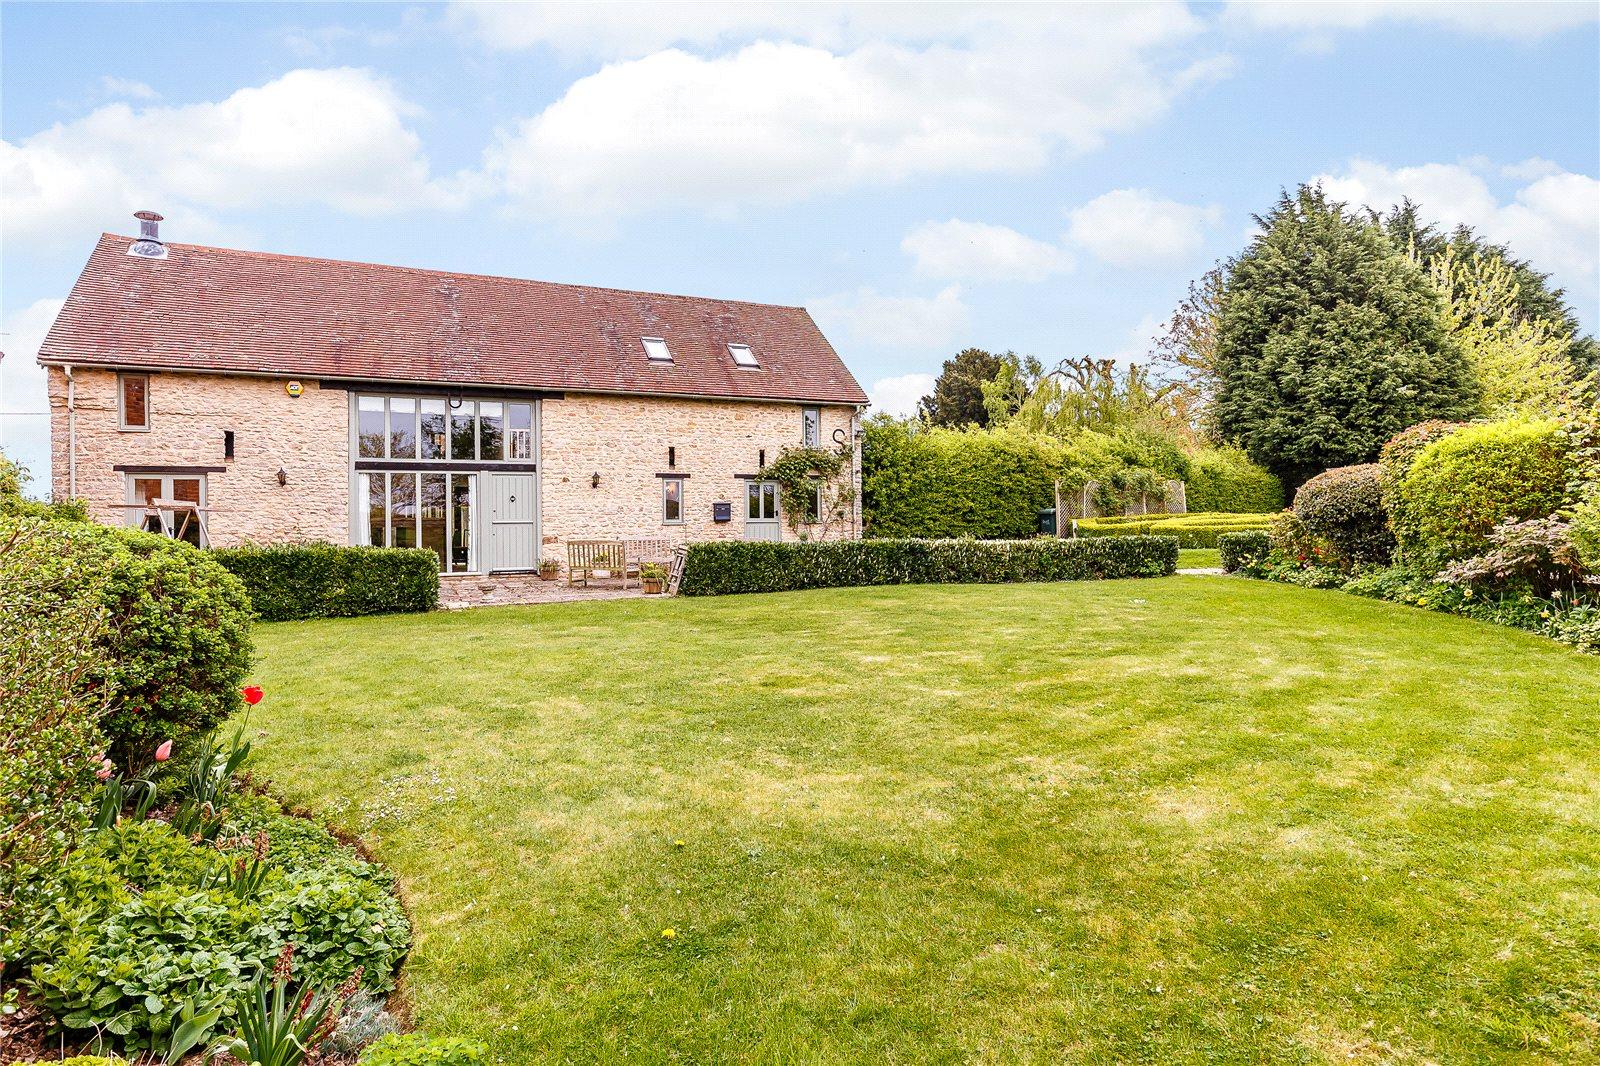 Μονοκατοικία για την Πώληση στο Fringford, Bicester, Oxfordshire, OX27 Bicester, Αγγλια